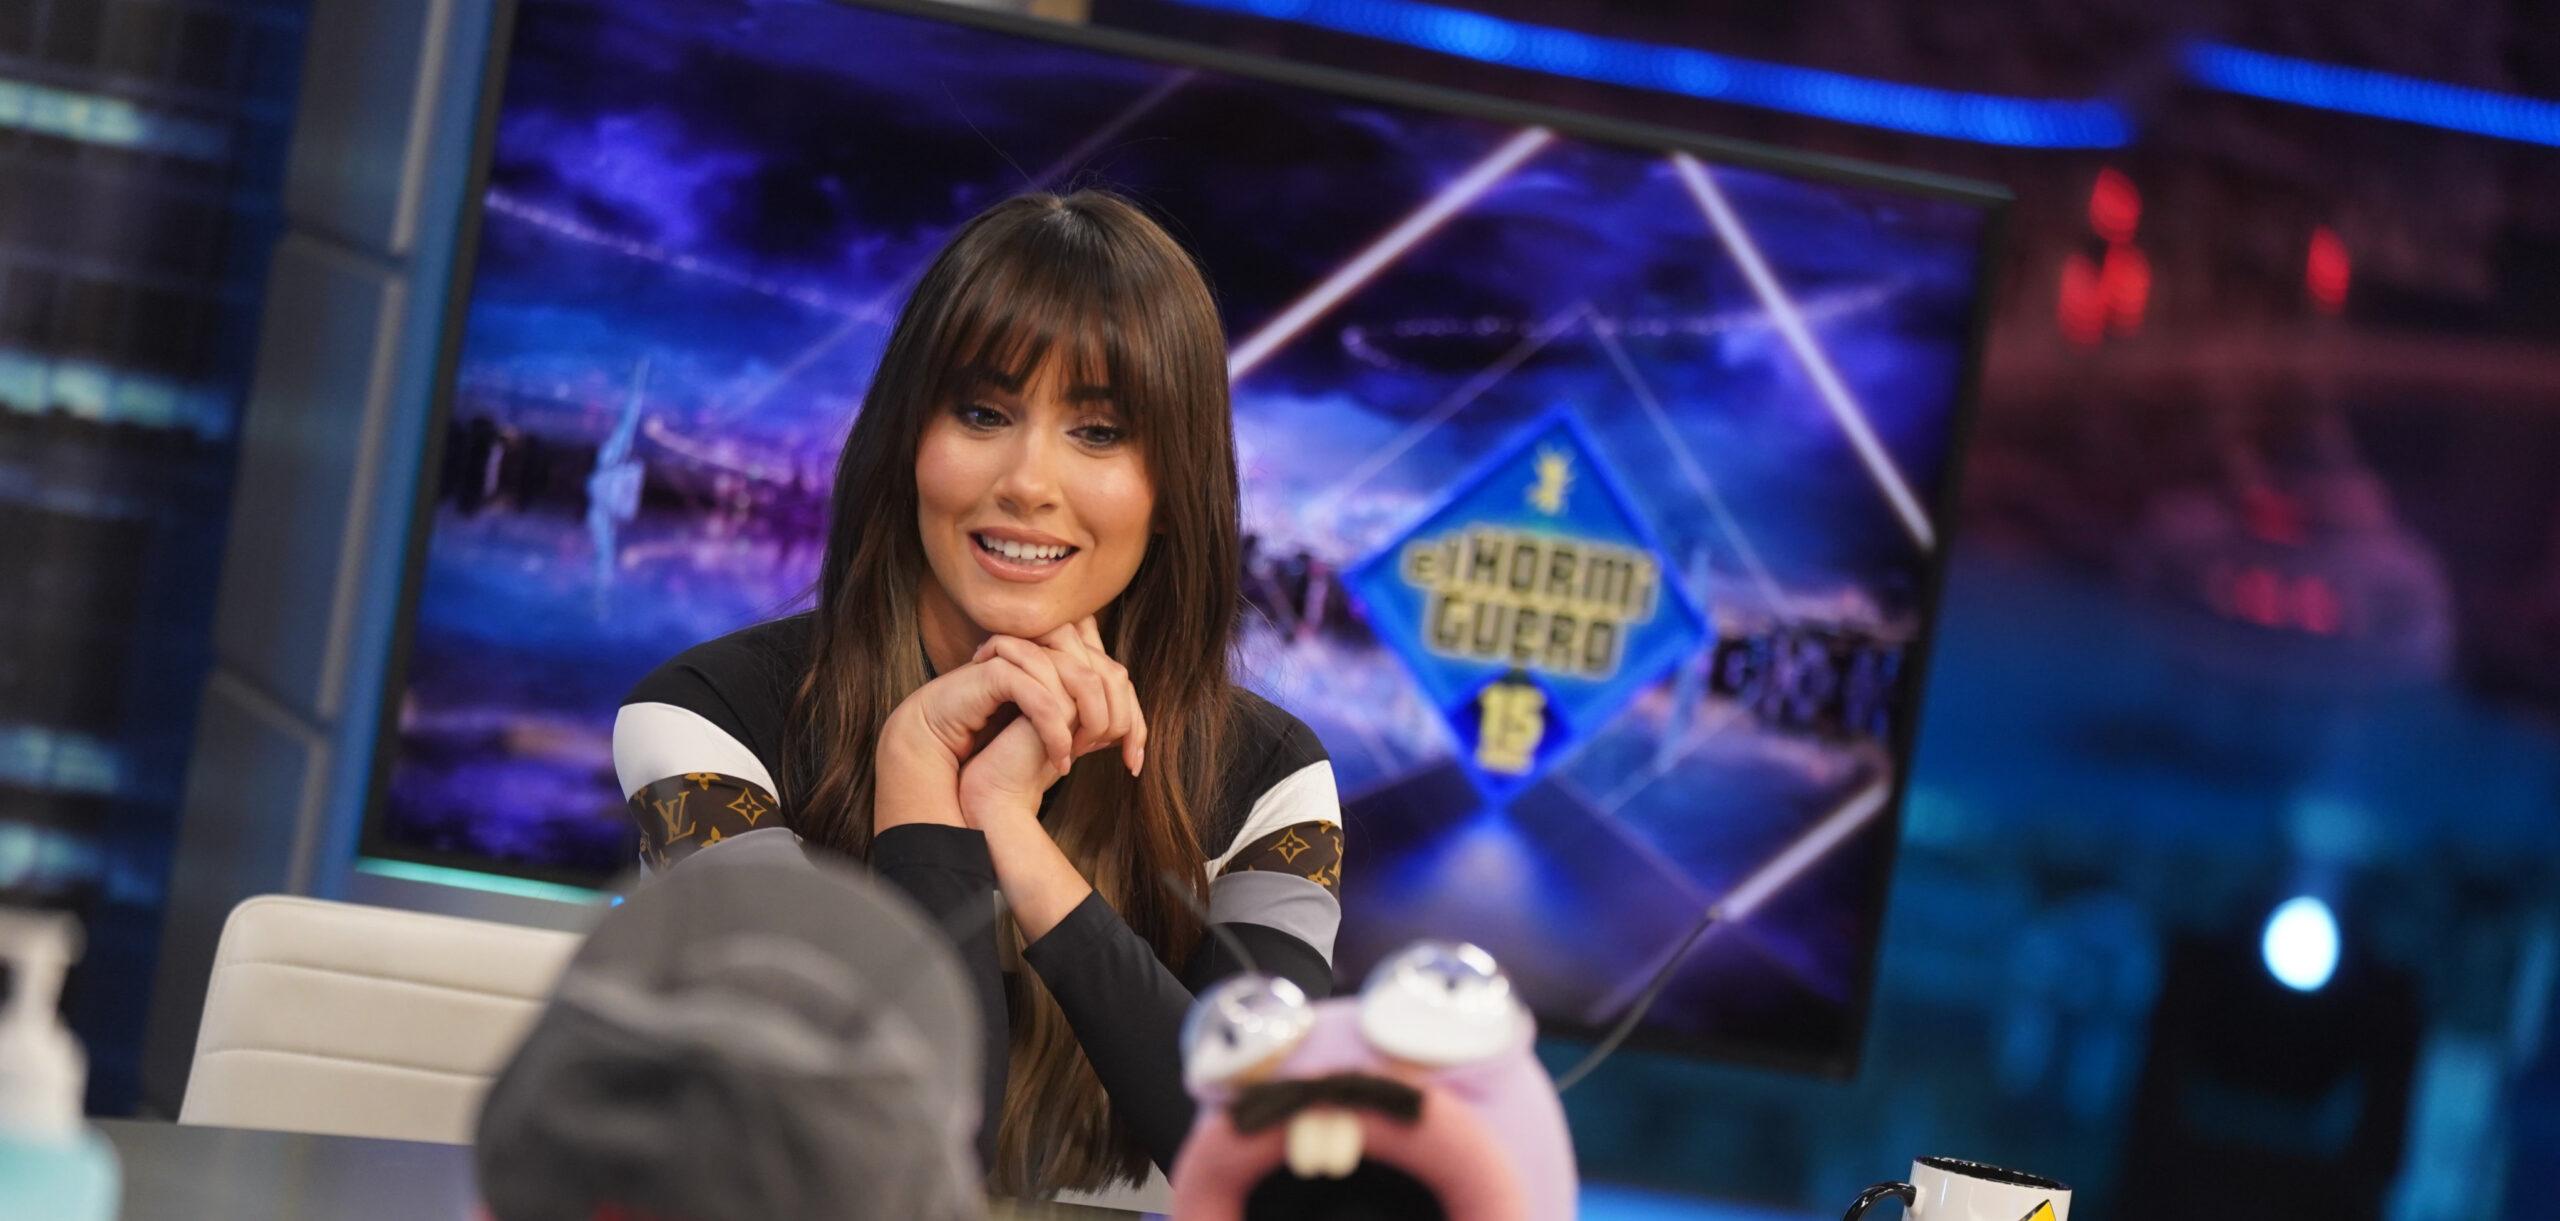 La cantant catalana Aitana, coneguda per 'OT', durant una entrevista a 'El Hormiguero' el passat 21 de desembre / Antena 3